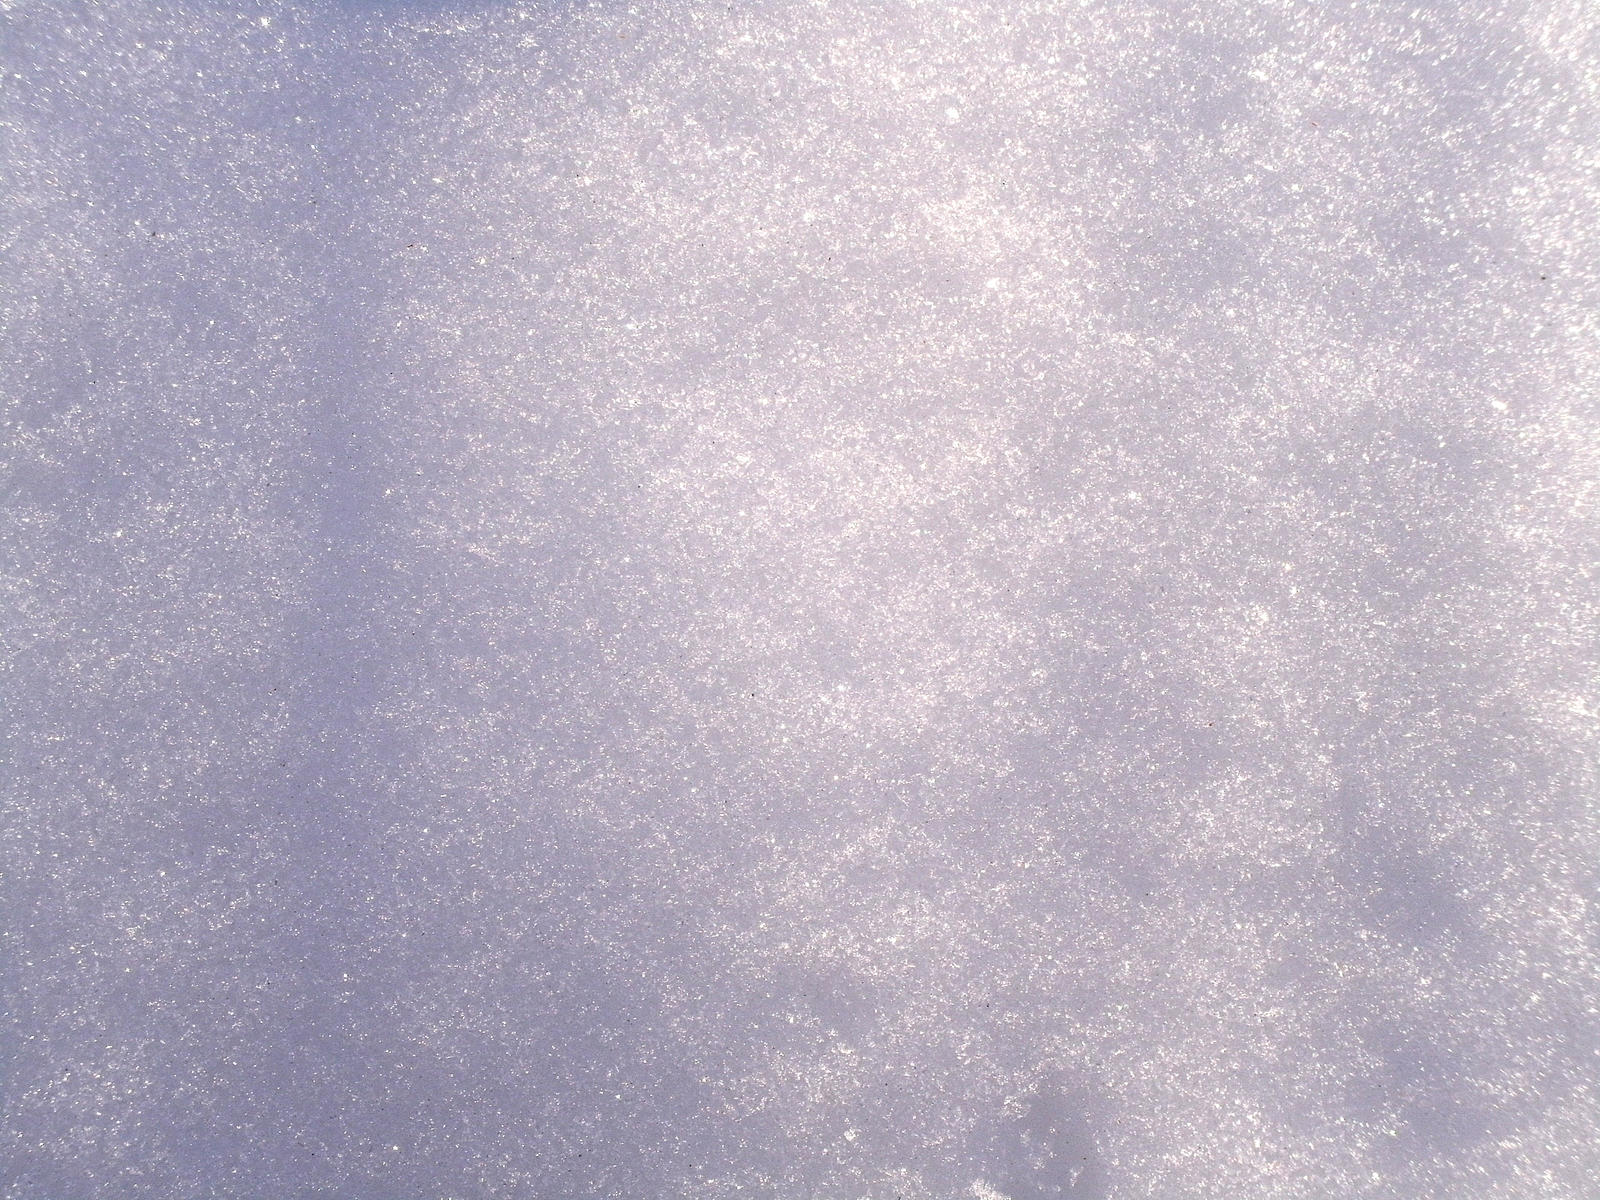 Snow stock texture 1